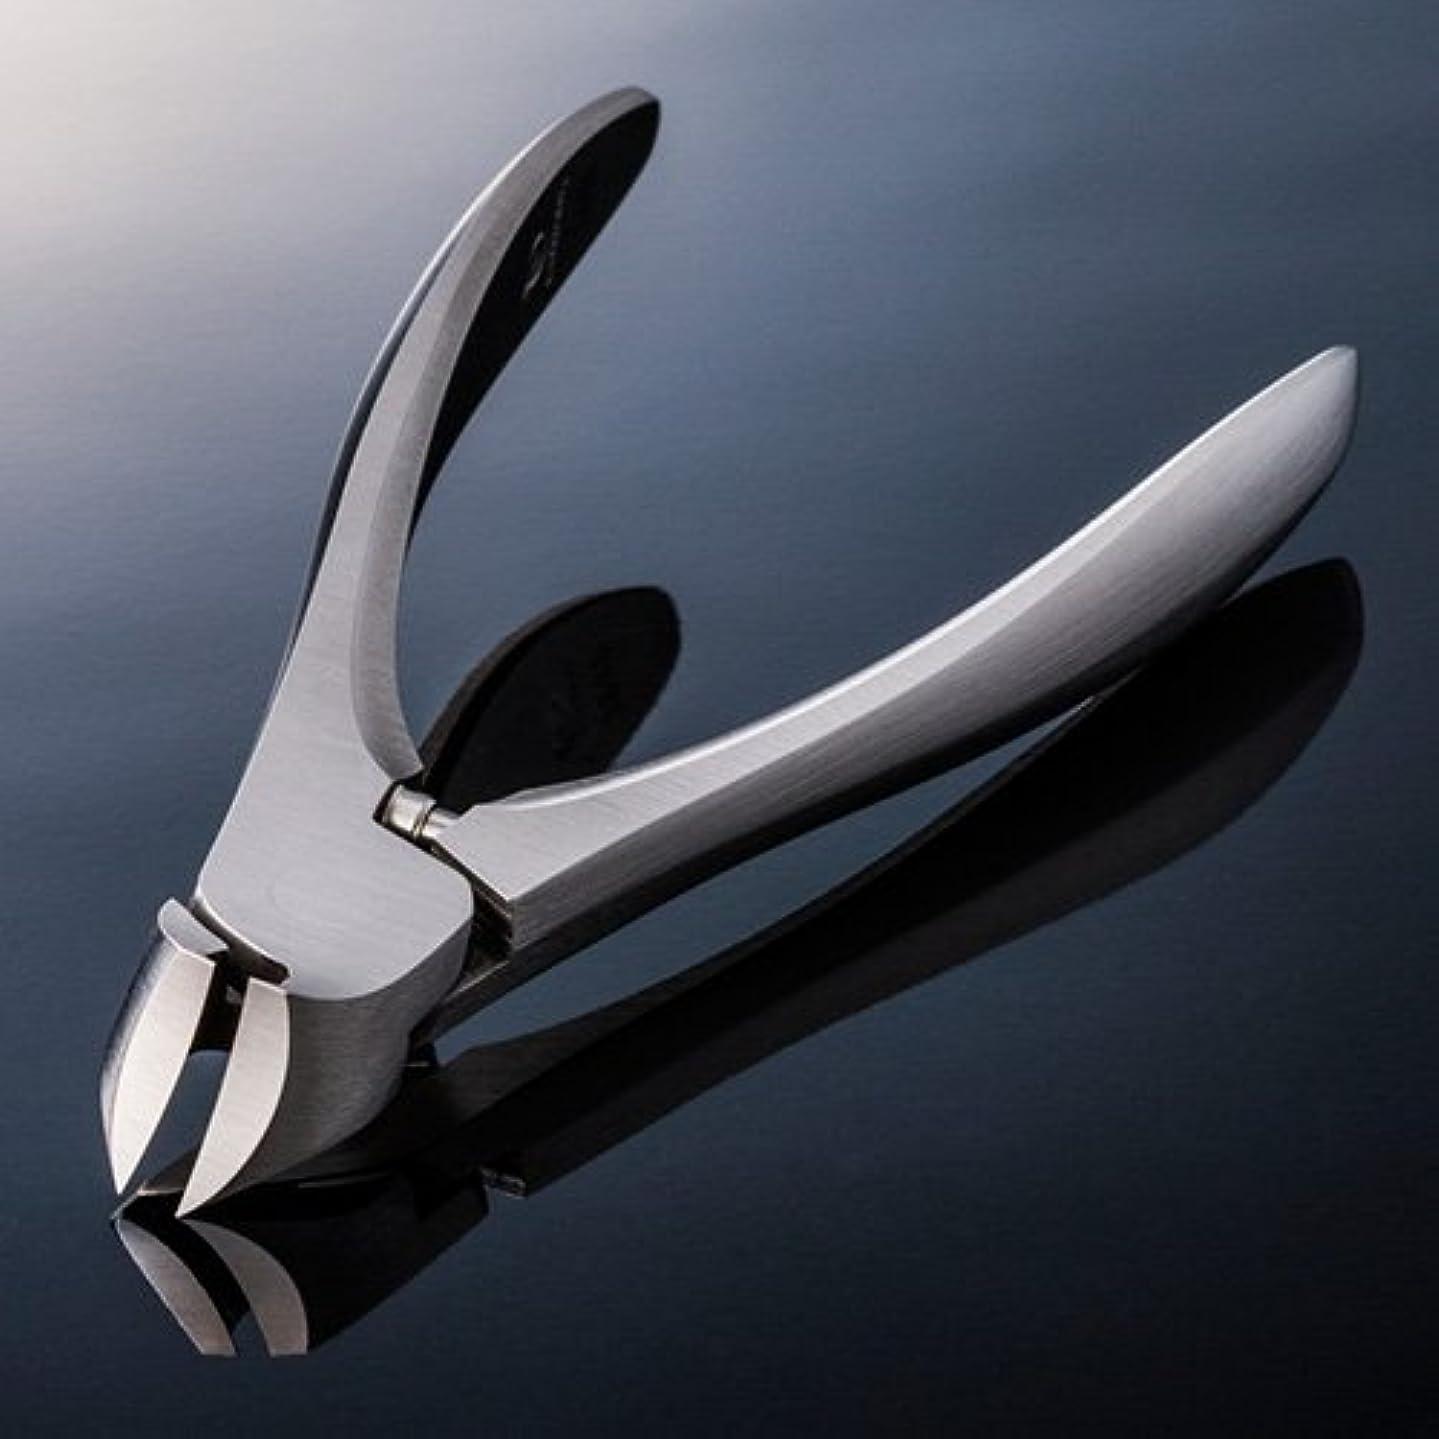 悲しむリベラル調査【SUWADA クラシックL 爪やすり付】 諏訪田のつめ切り 爪切り ネイルニッパー 収納メタルケース付 /日本のいいもの